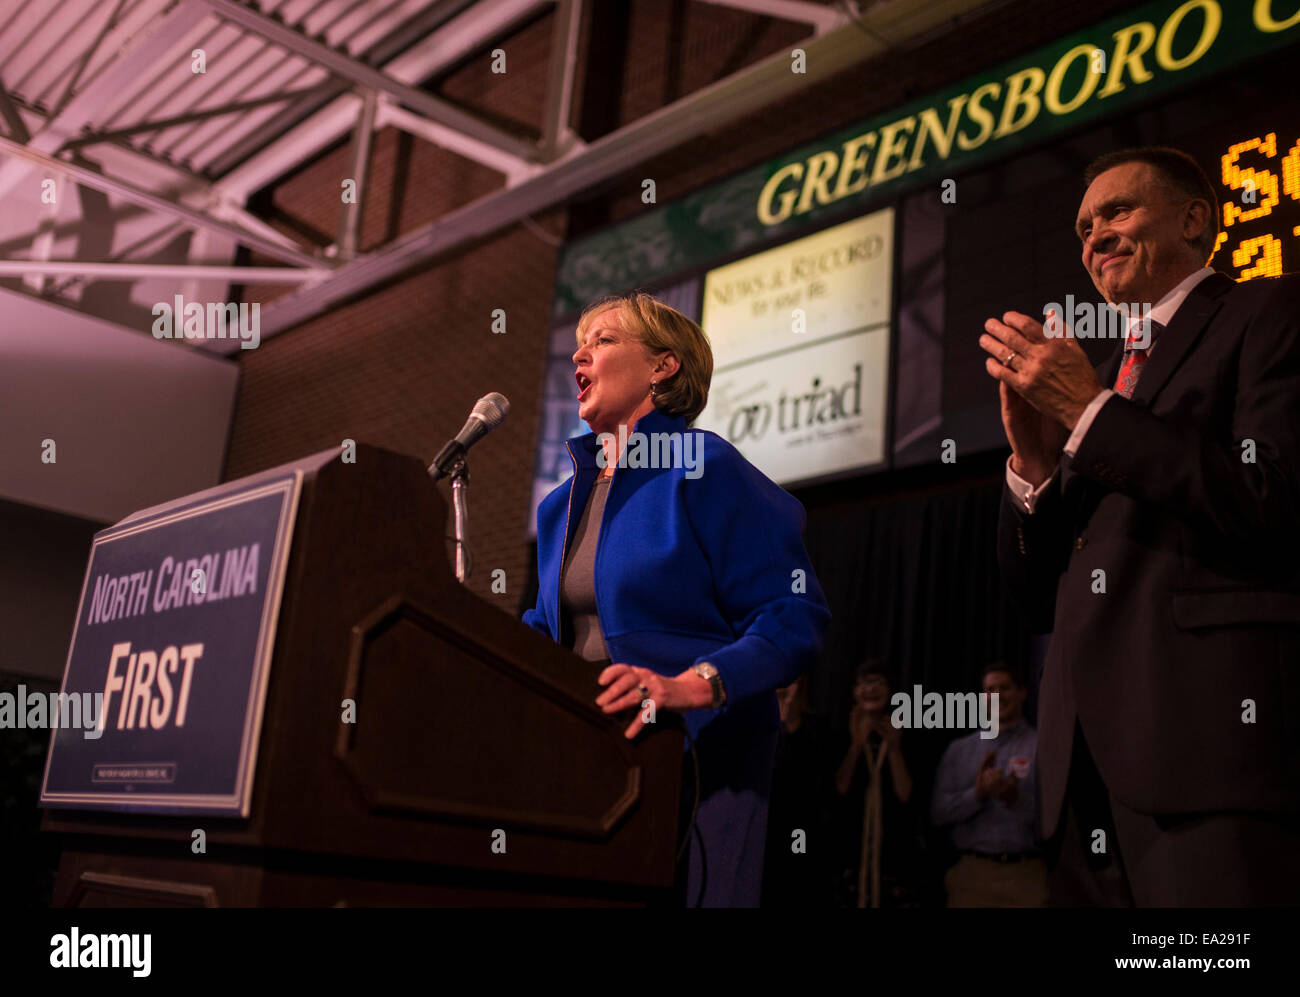 Greensboro, North Carolina, USA. 4th Nov, 2014. LAURA FJELD concedes her race for North Carolina's 6th congressional - Stock Image